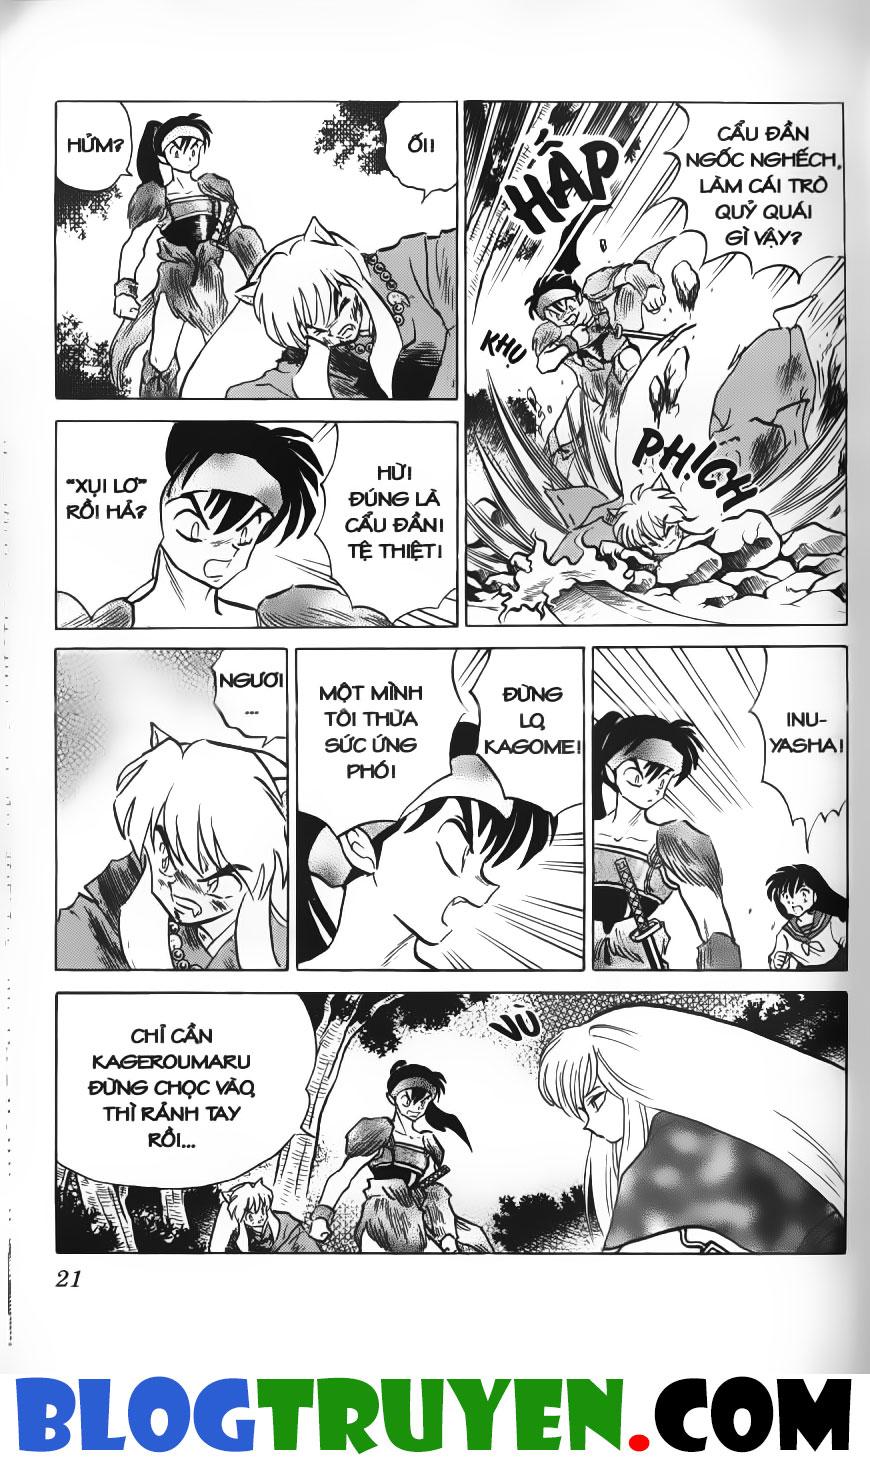 Inuyasha vol 18.1 trang 20